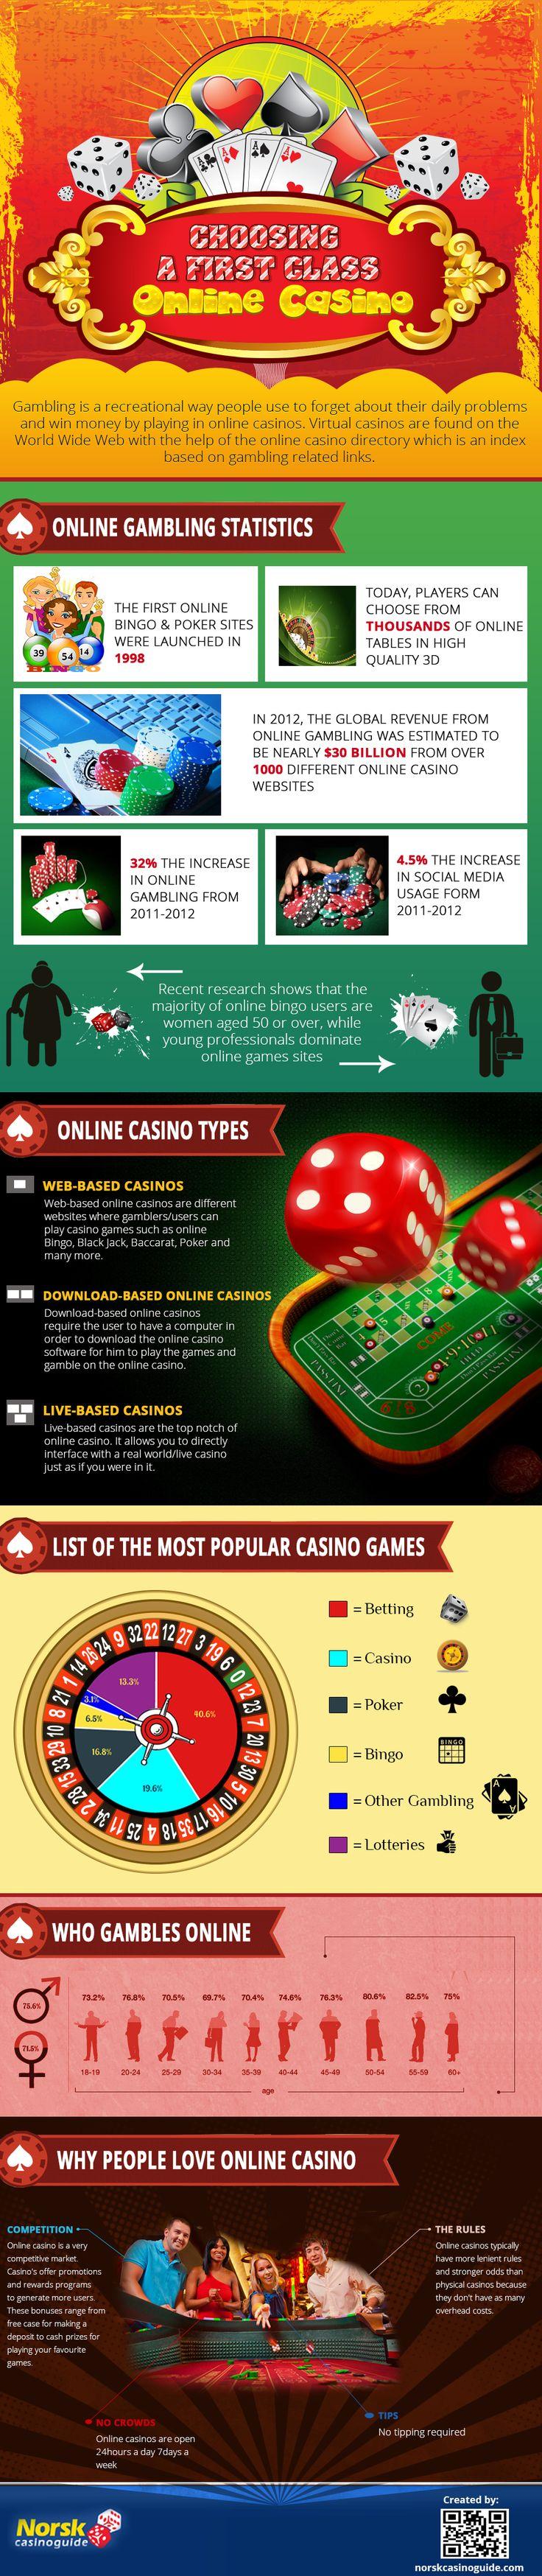 casino lac leamy slot